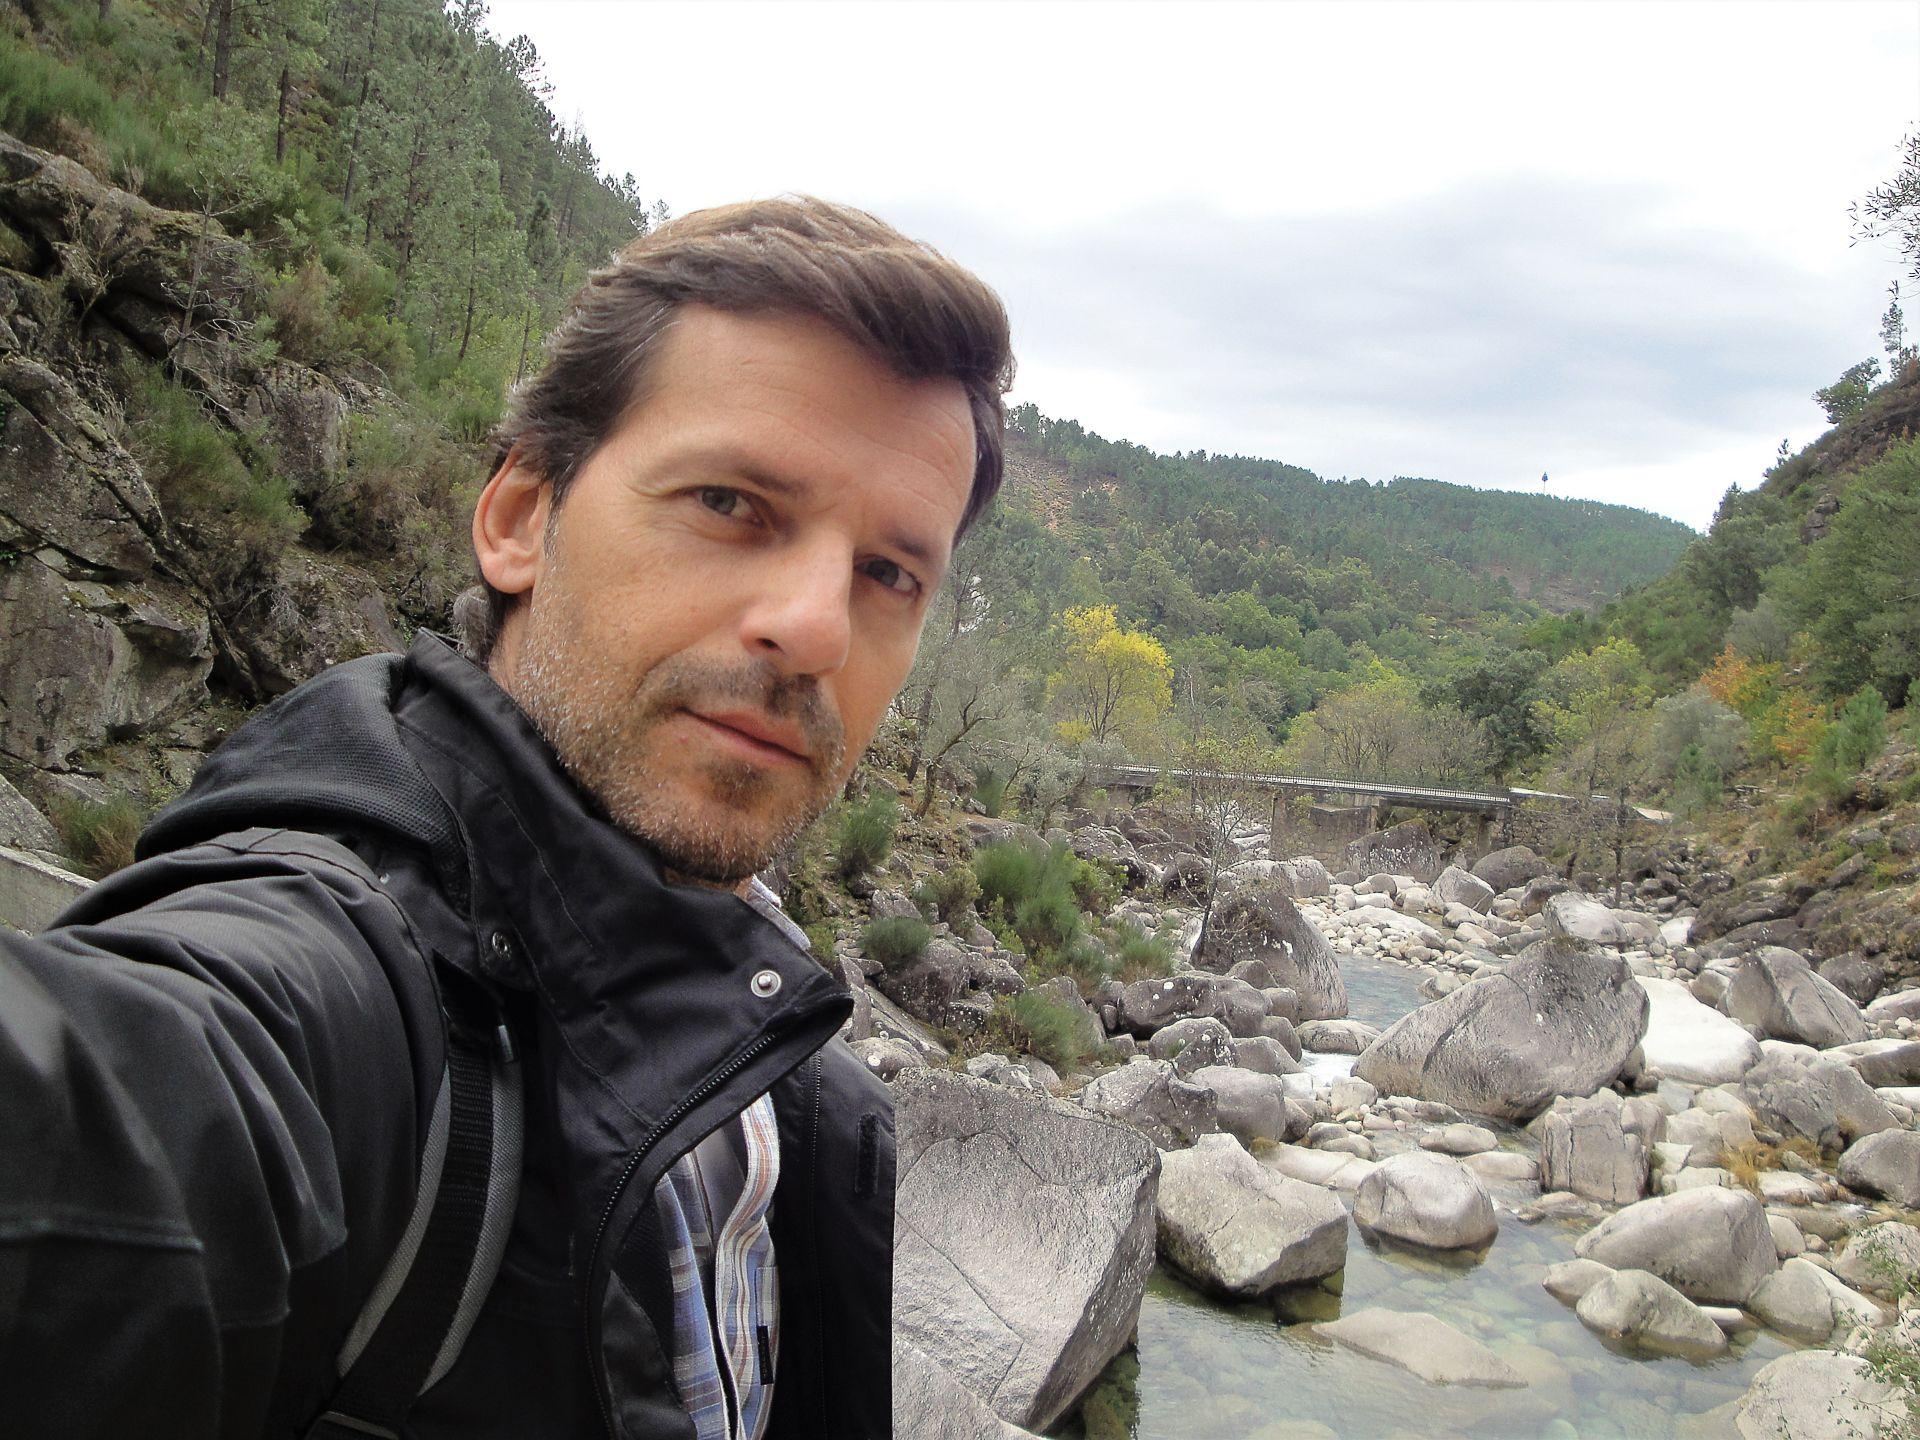 Parque Nacional da Peneda-Gerês Gerês